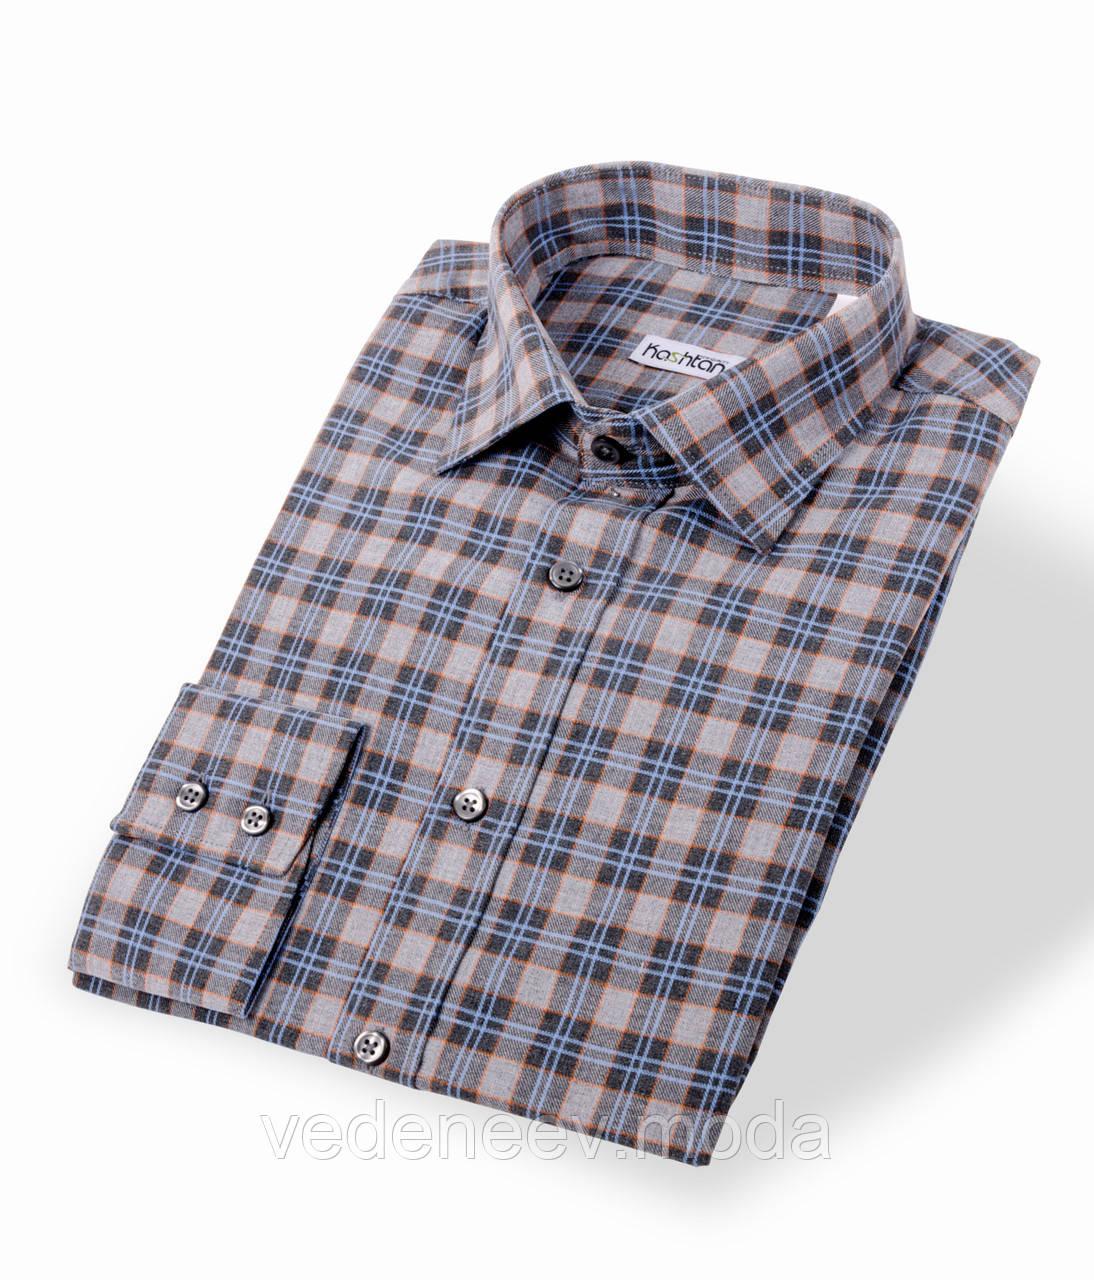 Мужская рубашка в  клетку, серо-голубая